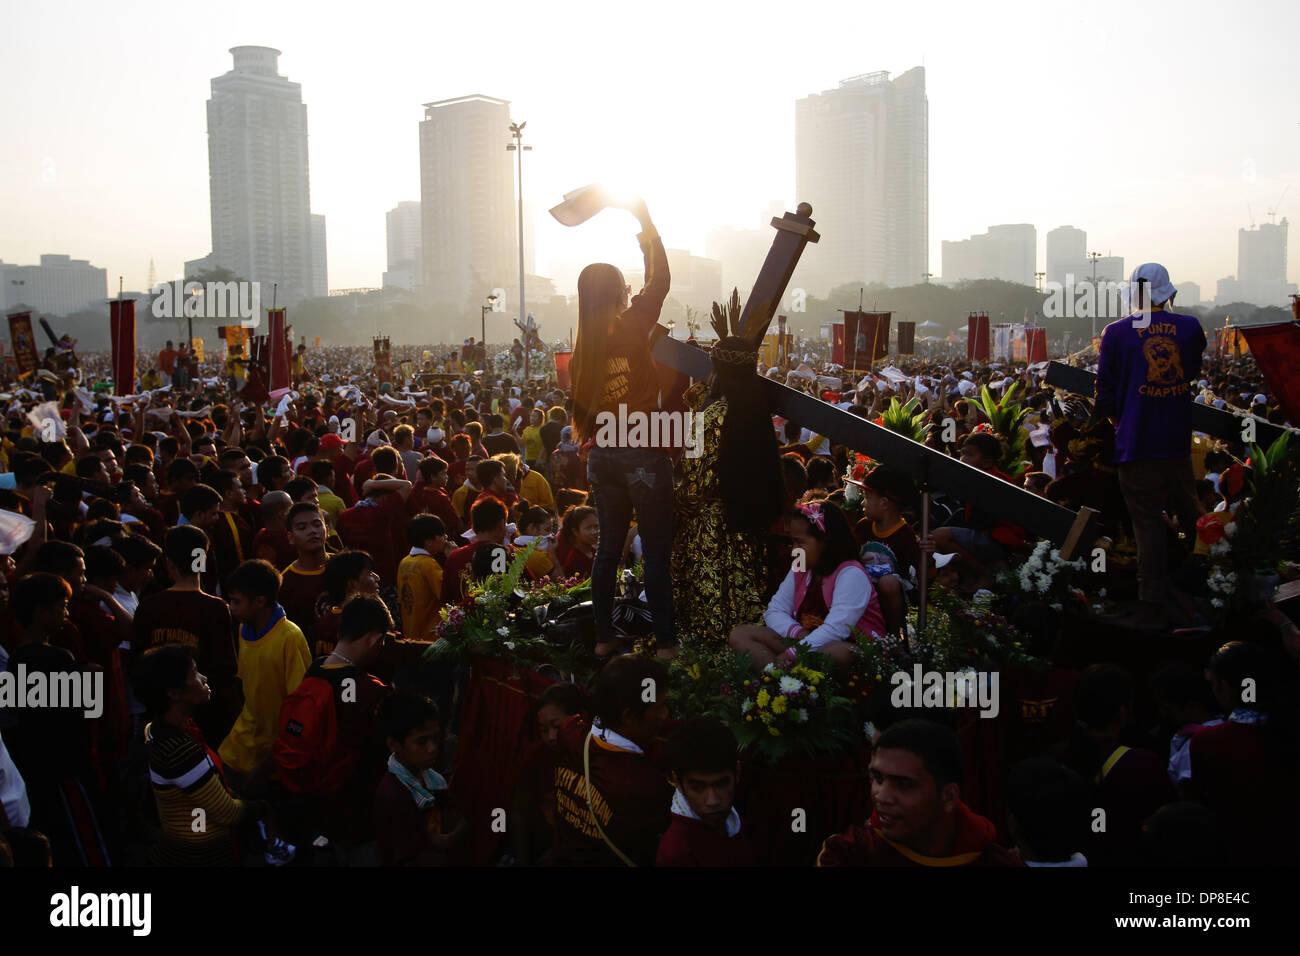 Manila, Filippine . 9 Gen, 2014. I devoti wave le loro bandiere in preparazione per la processione del Nazareno nero a Manila nelle Filippine il 9 gennaio 2014. La figura è creduto essere miracolosa da milioni di cattolici filippini. Foto di Mark Cristino Credito: Mark Fredesjed Cristino/Alamy Live News Immagini Stock